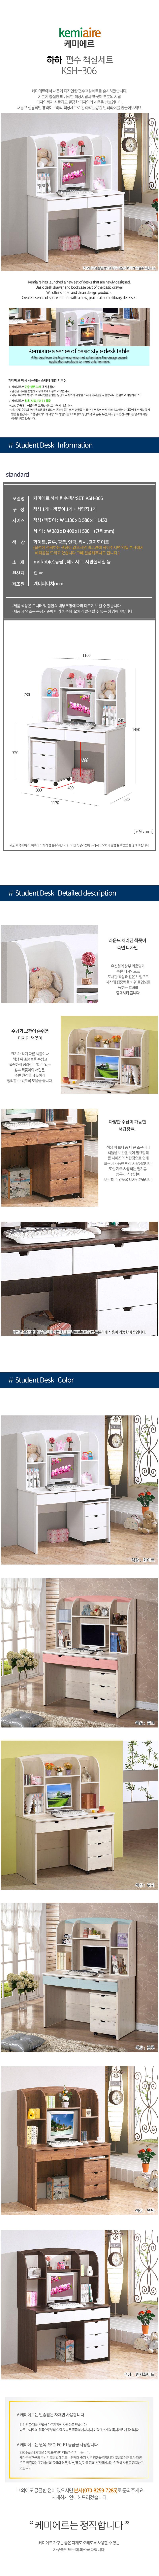 하하 편수책상세트 KSH-306 - 케미에르, 239,900원, 책상/의자, 일반 책상